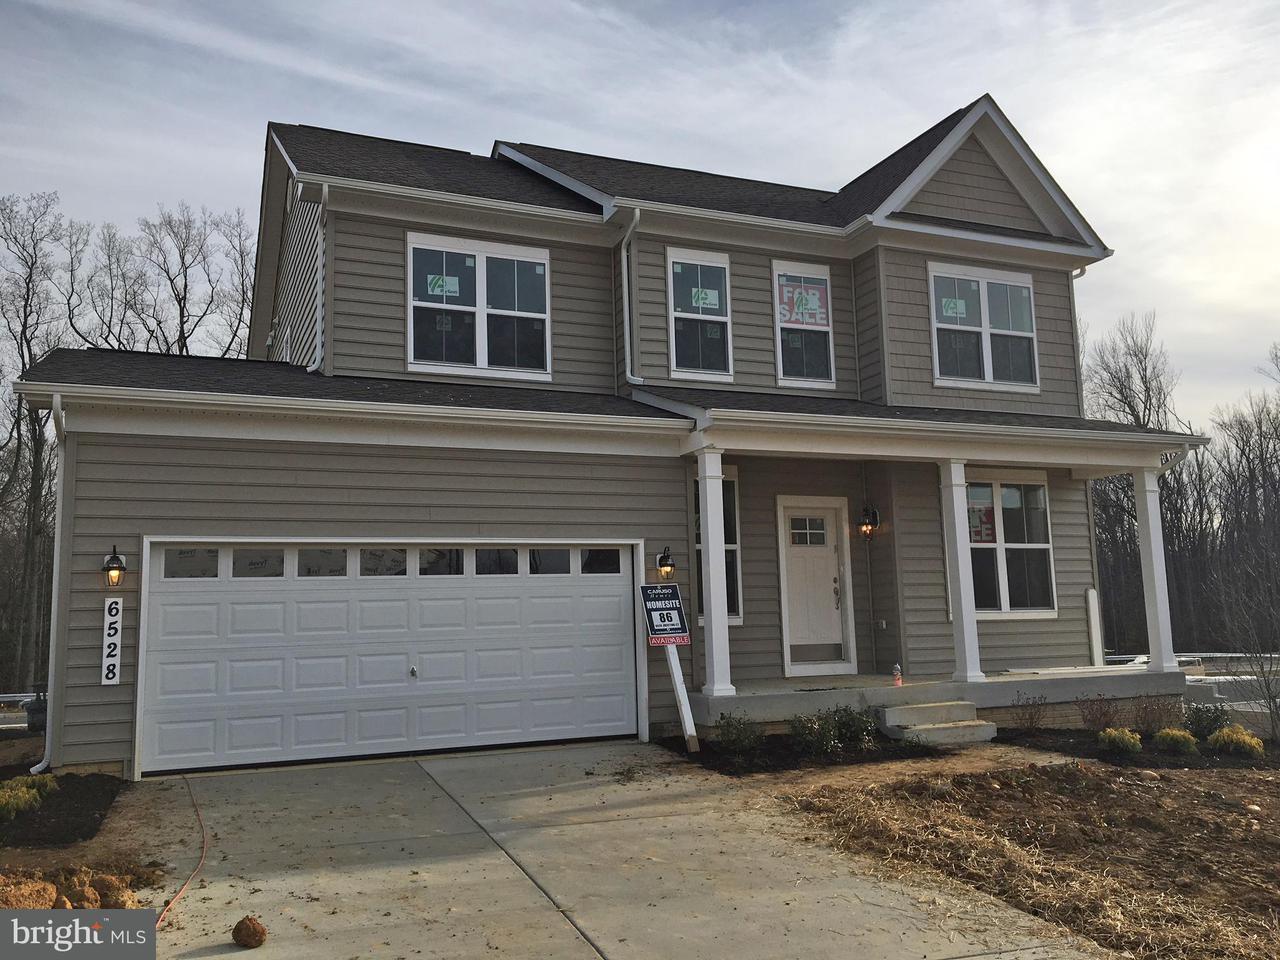 Maison unifamiliale pour l Vente à 6528 JOUSTING Court 6528 JOUSTING Court Indian Head, Maryland 20640 États-Unis